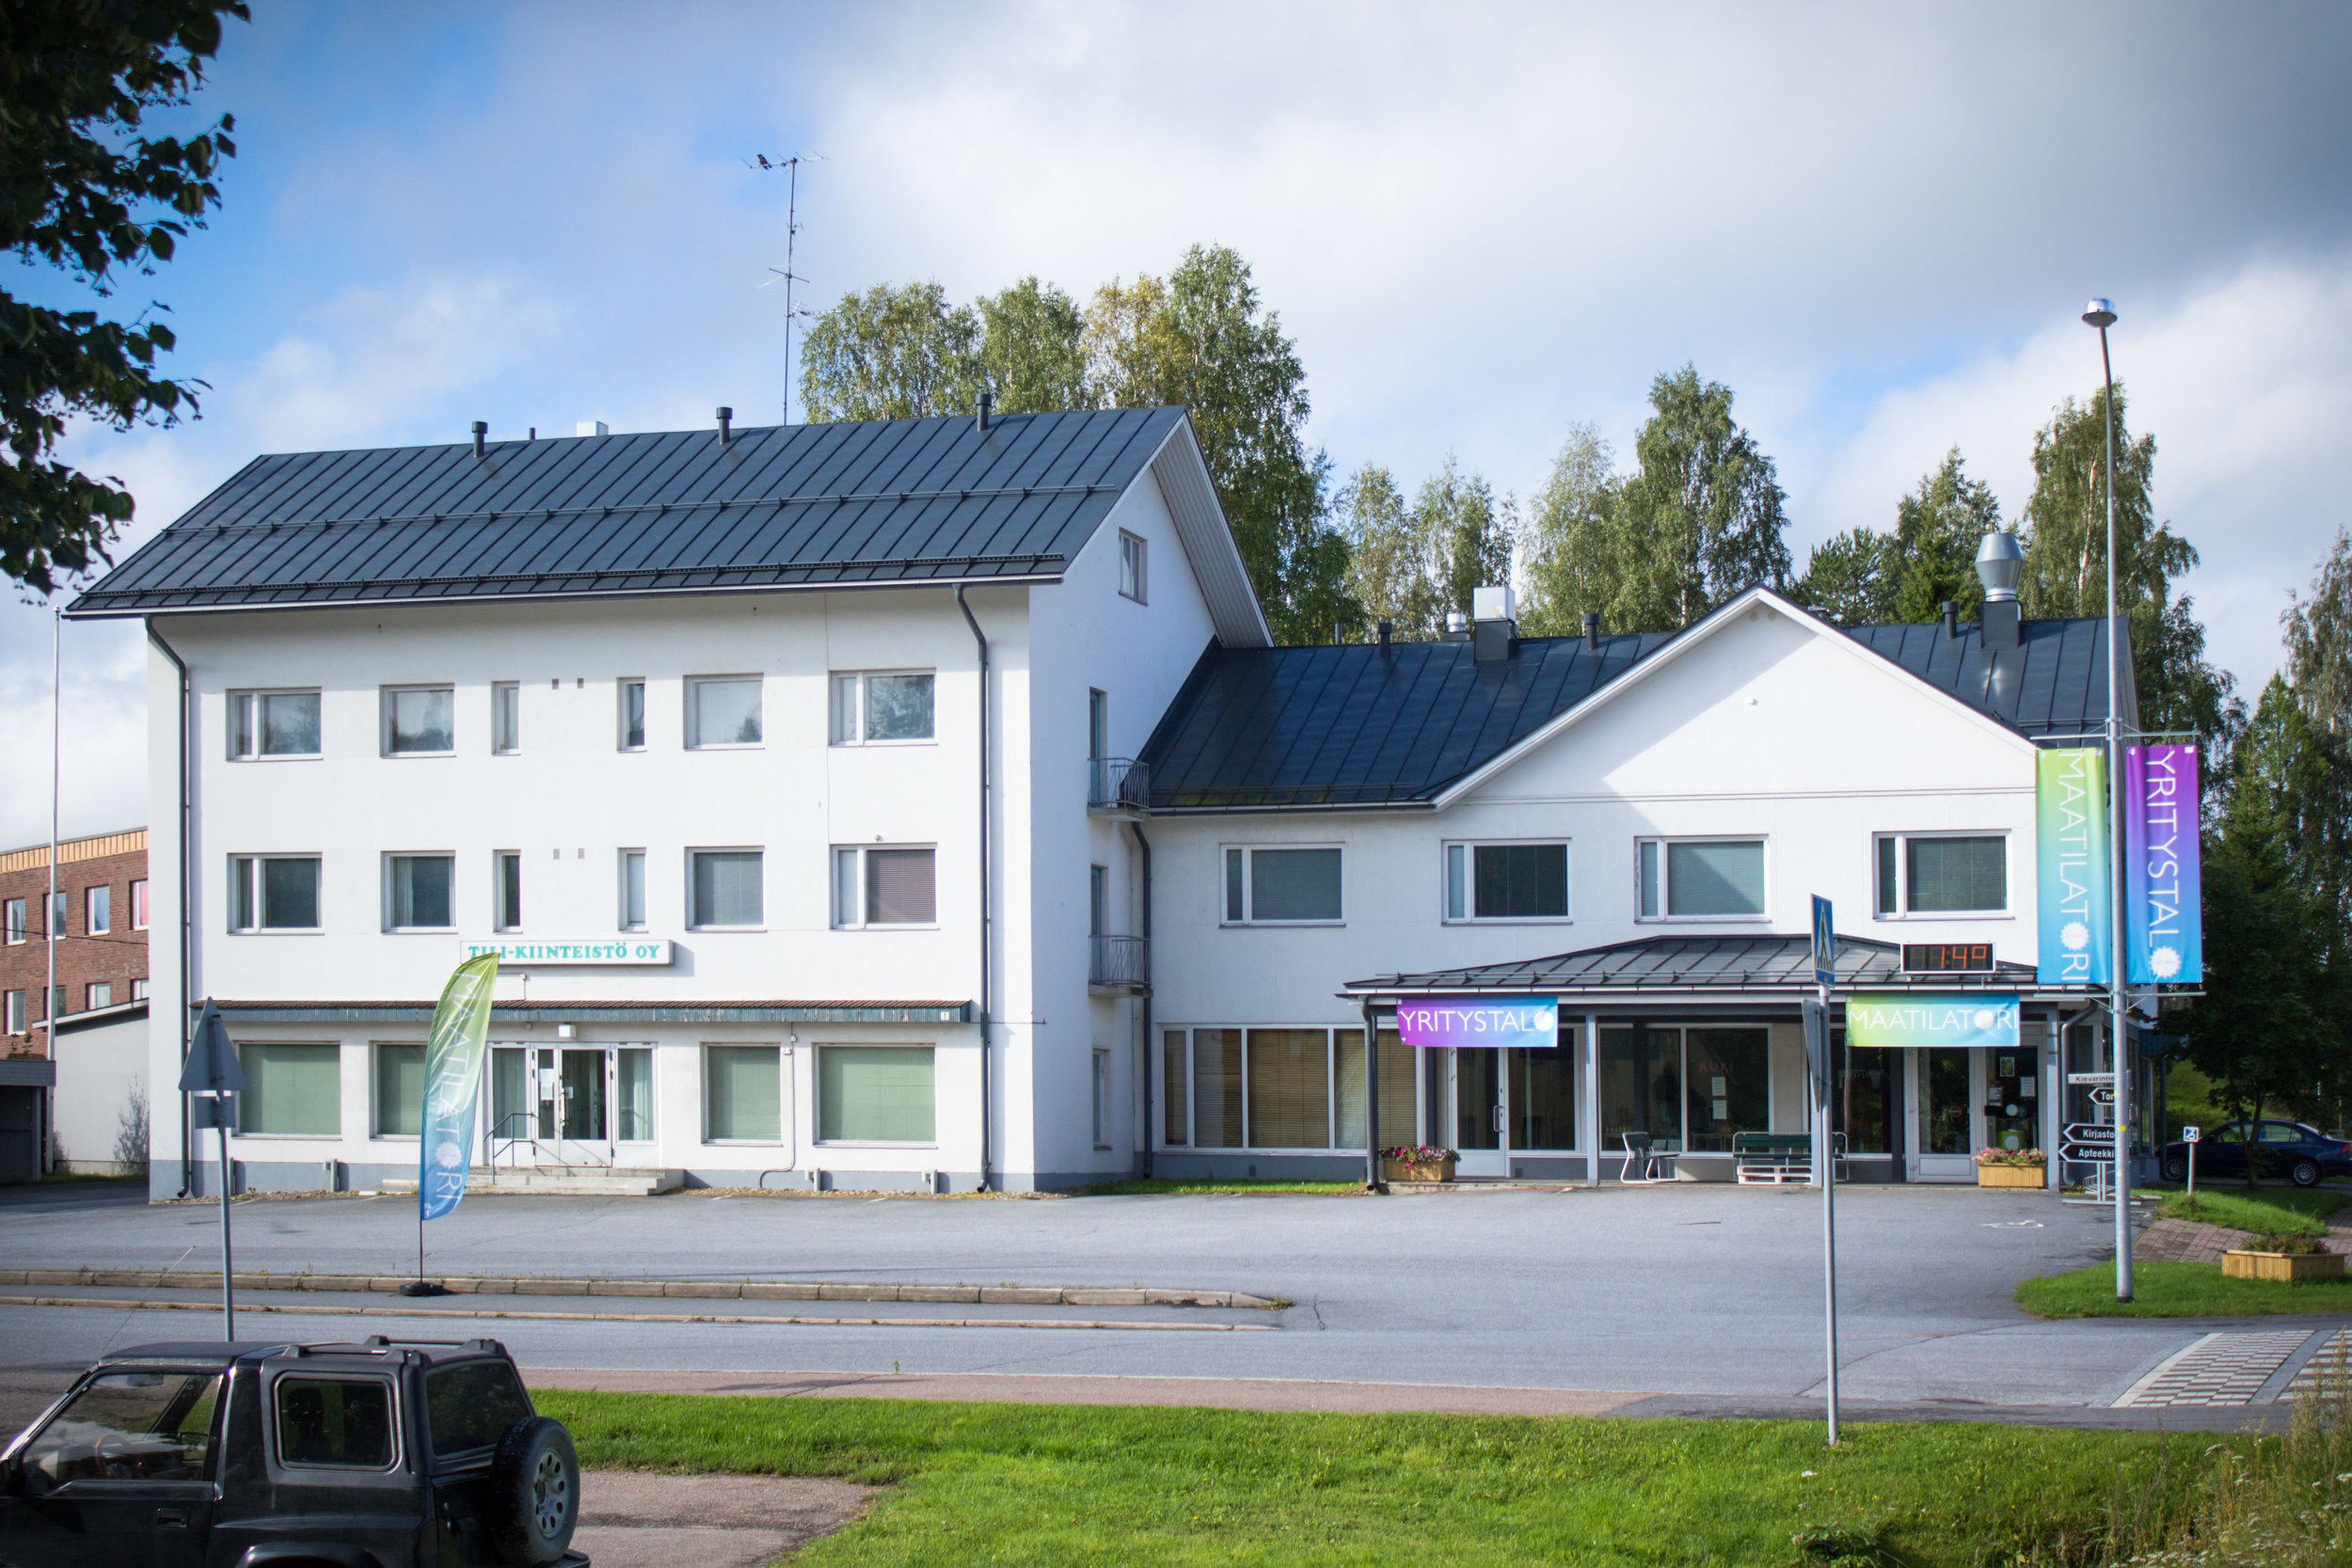 Yritystalo_maatilatori_kesalla.jpg